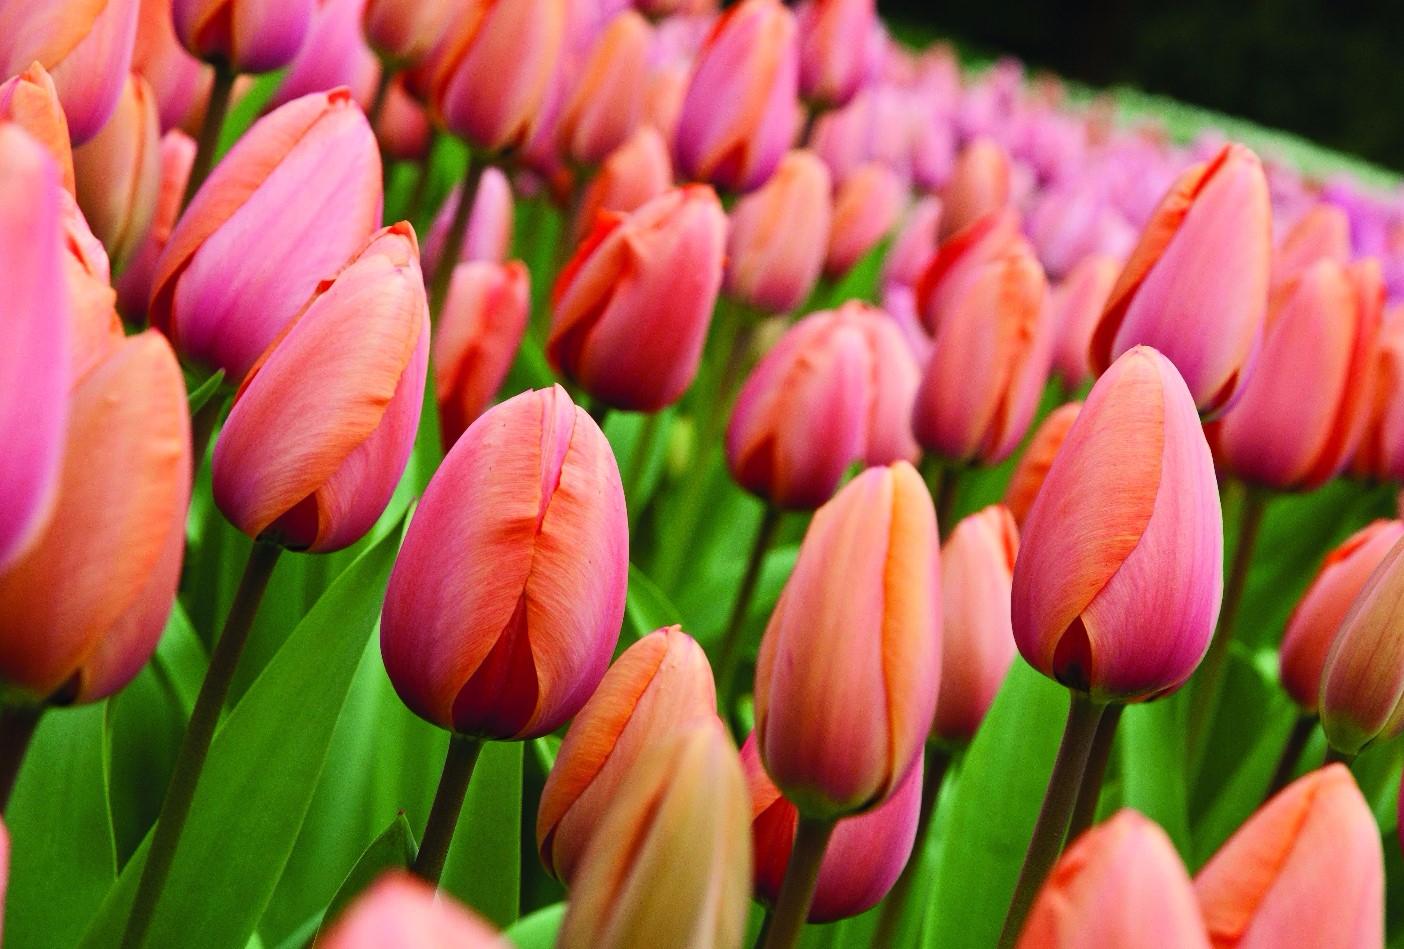 Balcone: i primi fiori per salutare la primavera - Tgcom24